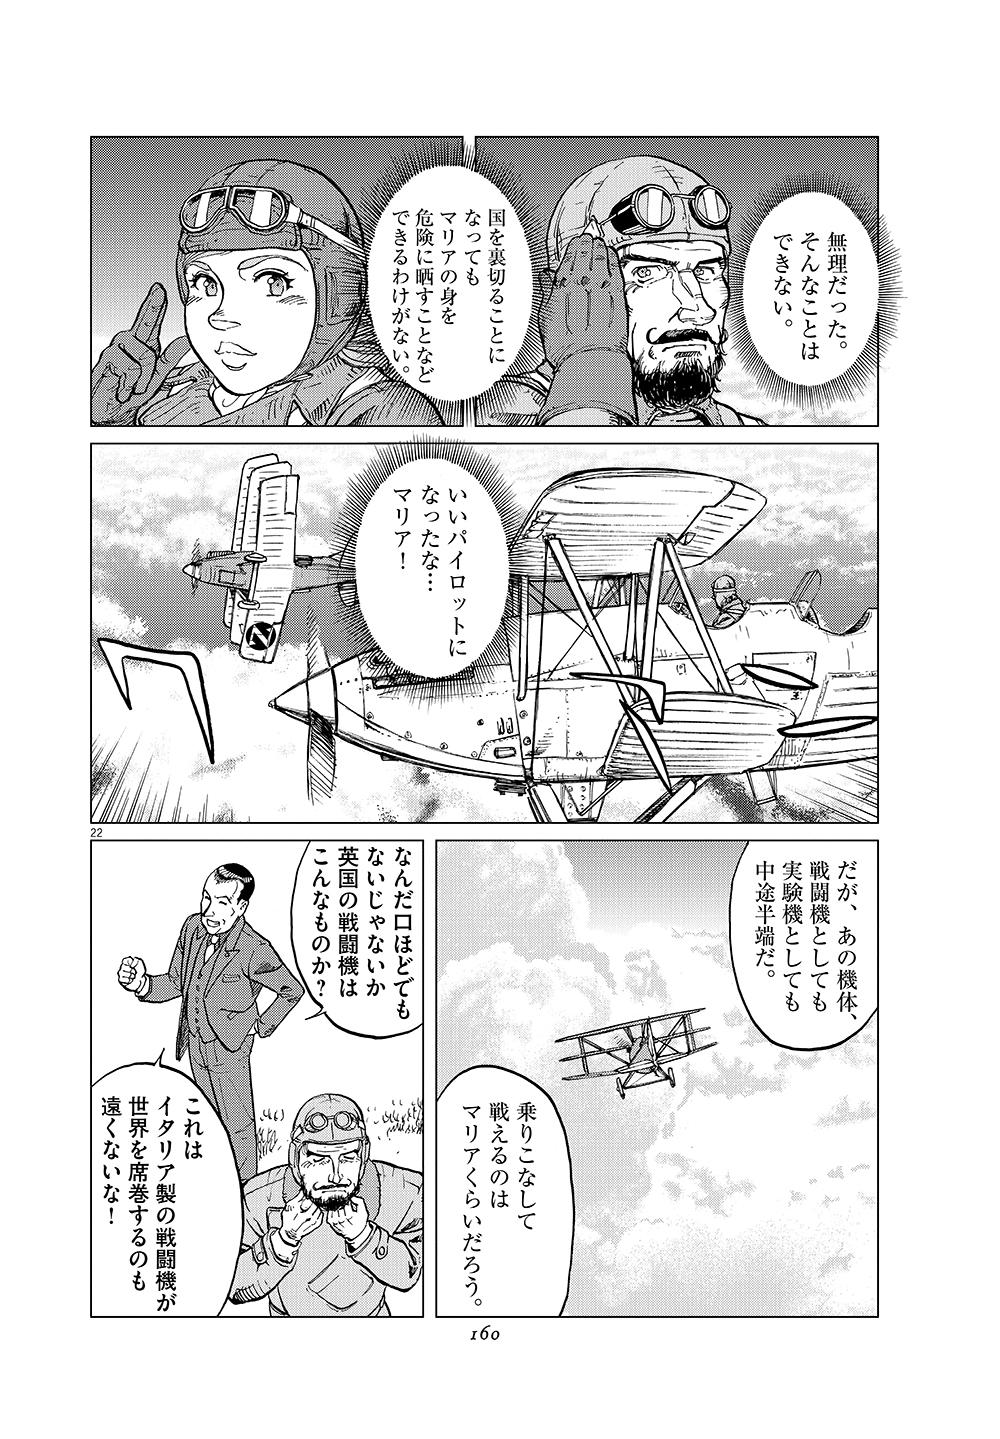 女流飛行士マリア・マンテガッツァの冒険 第十九話22ページ目画像